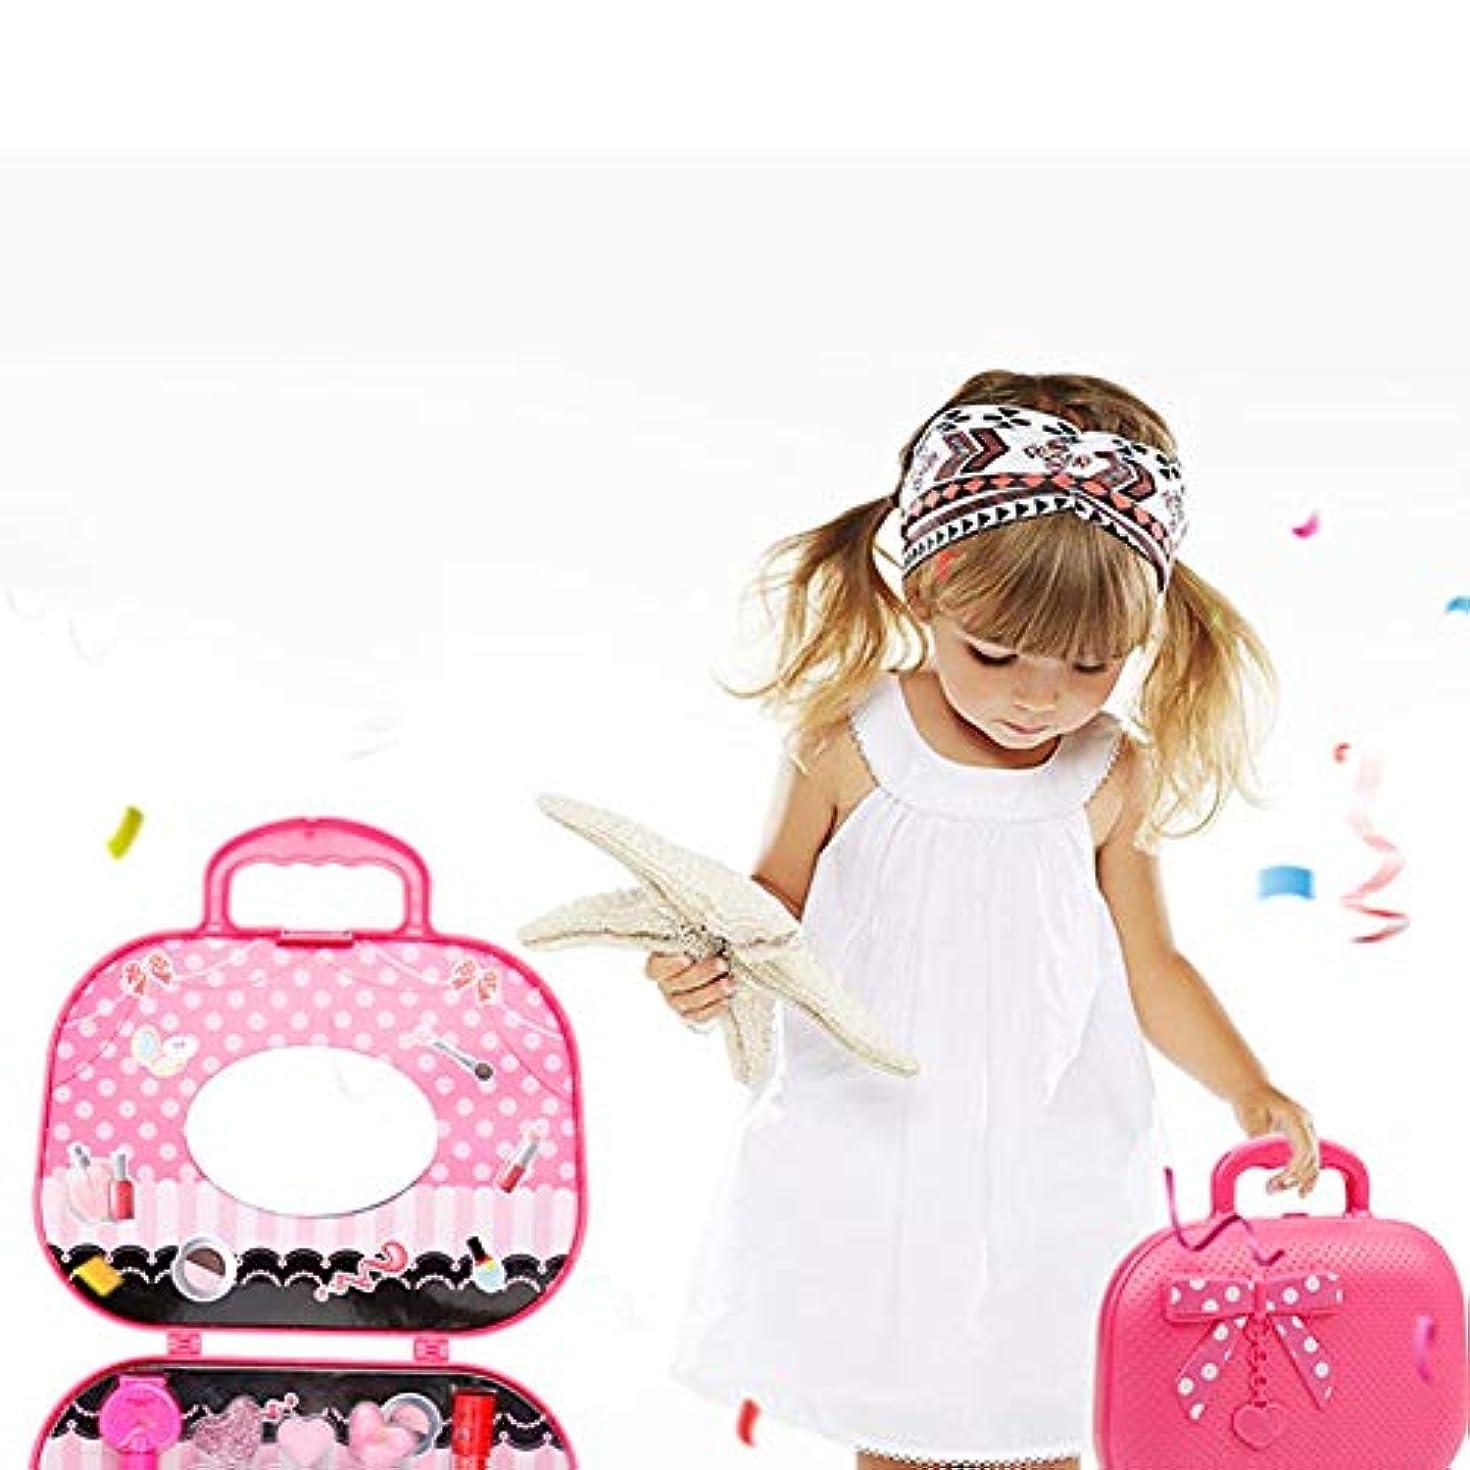 創造宿命振動するかわいいプリンセスふりメイクセットキッズガールズシミュレーション口紅子供のおもちゃ - ピンク